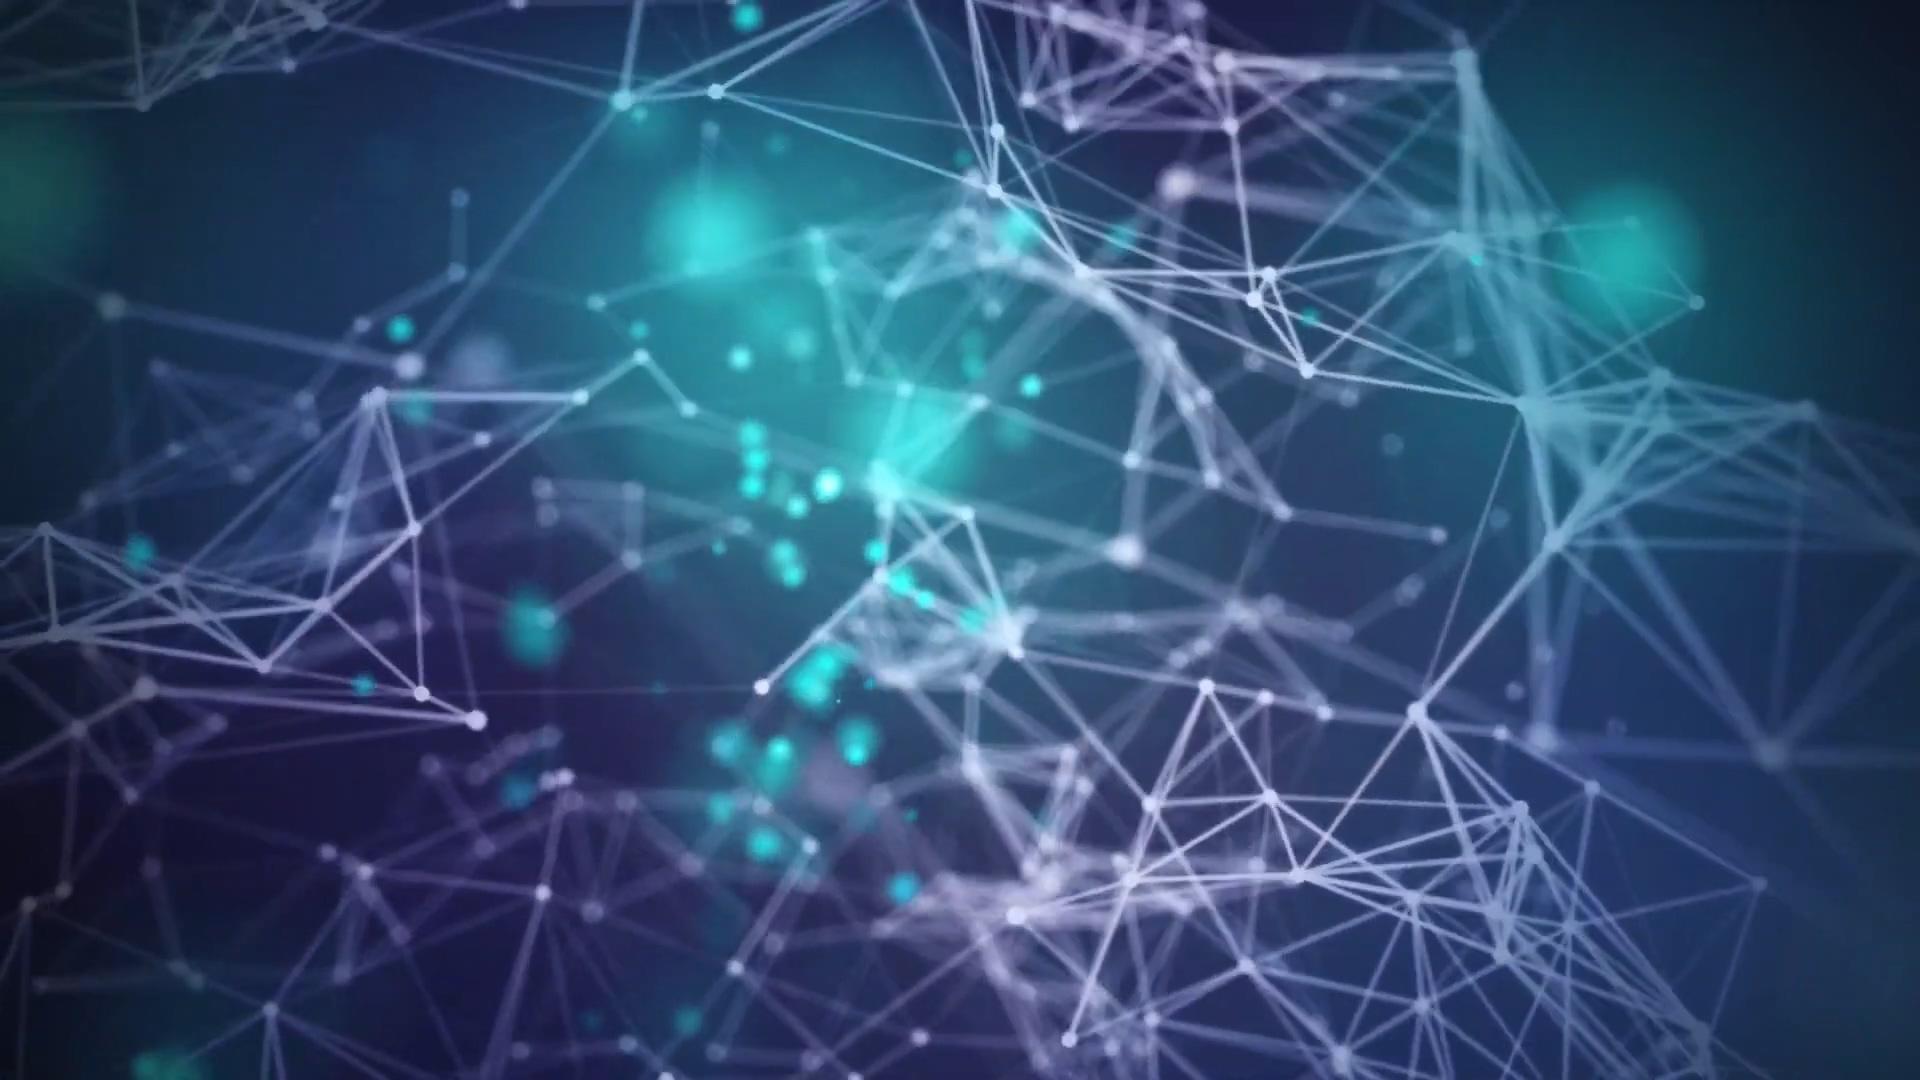 光点粒子科技线条背景几何素材三角形基因科技感粒子光点医学